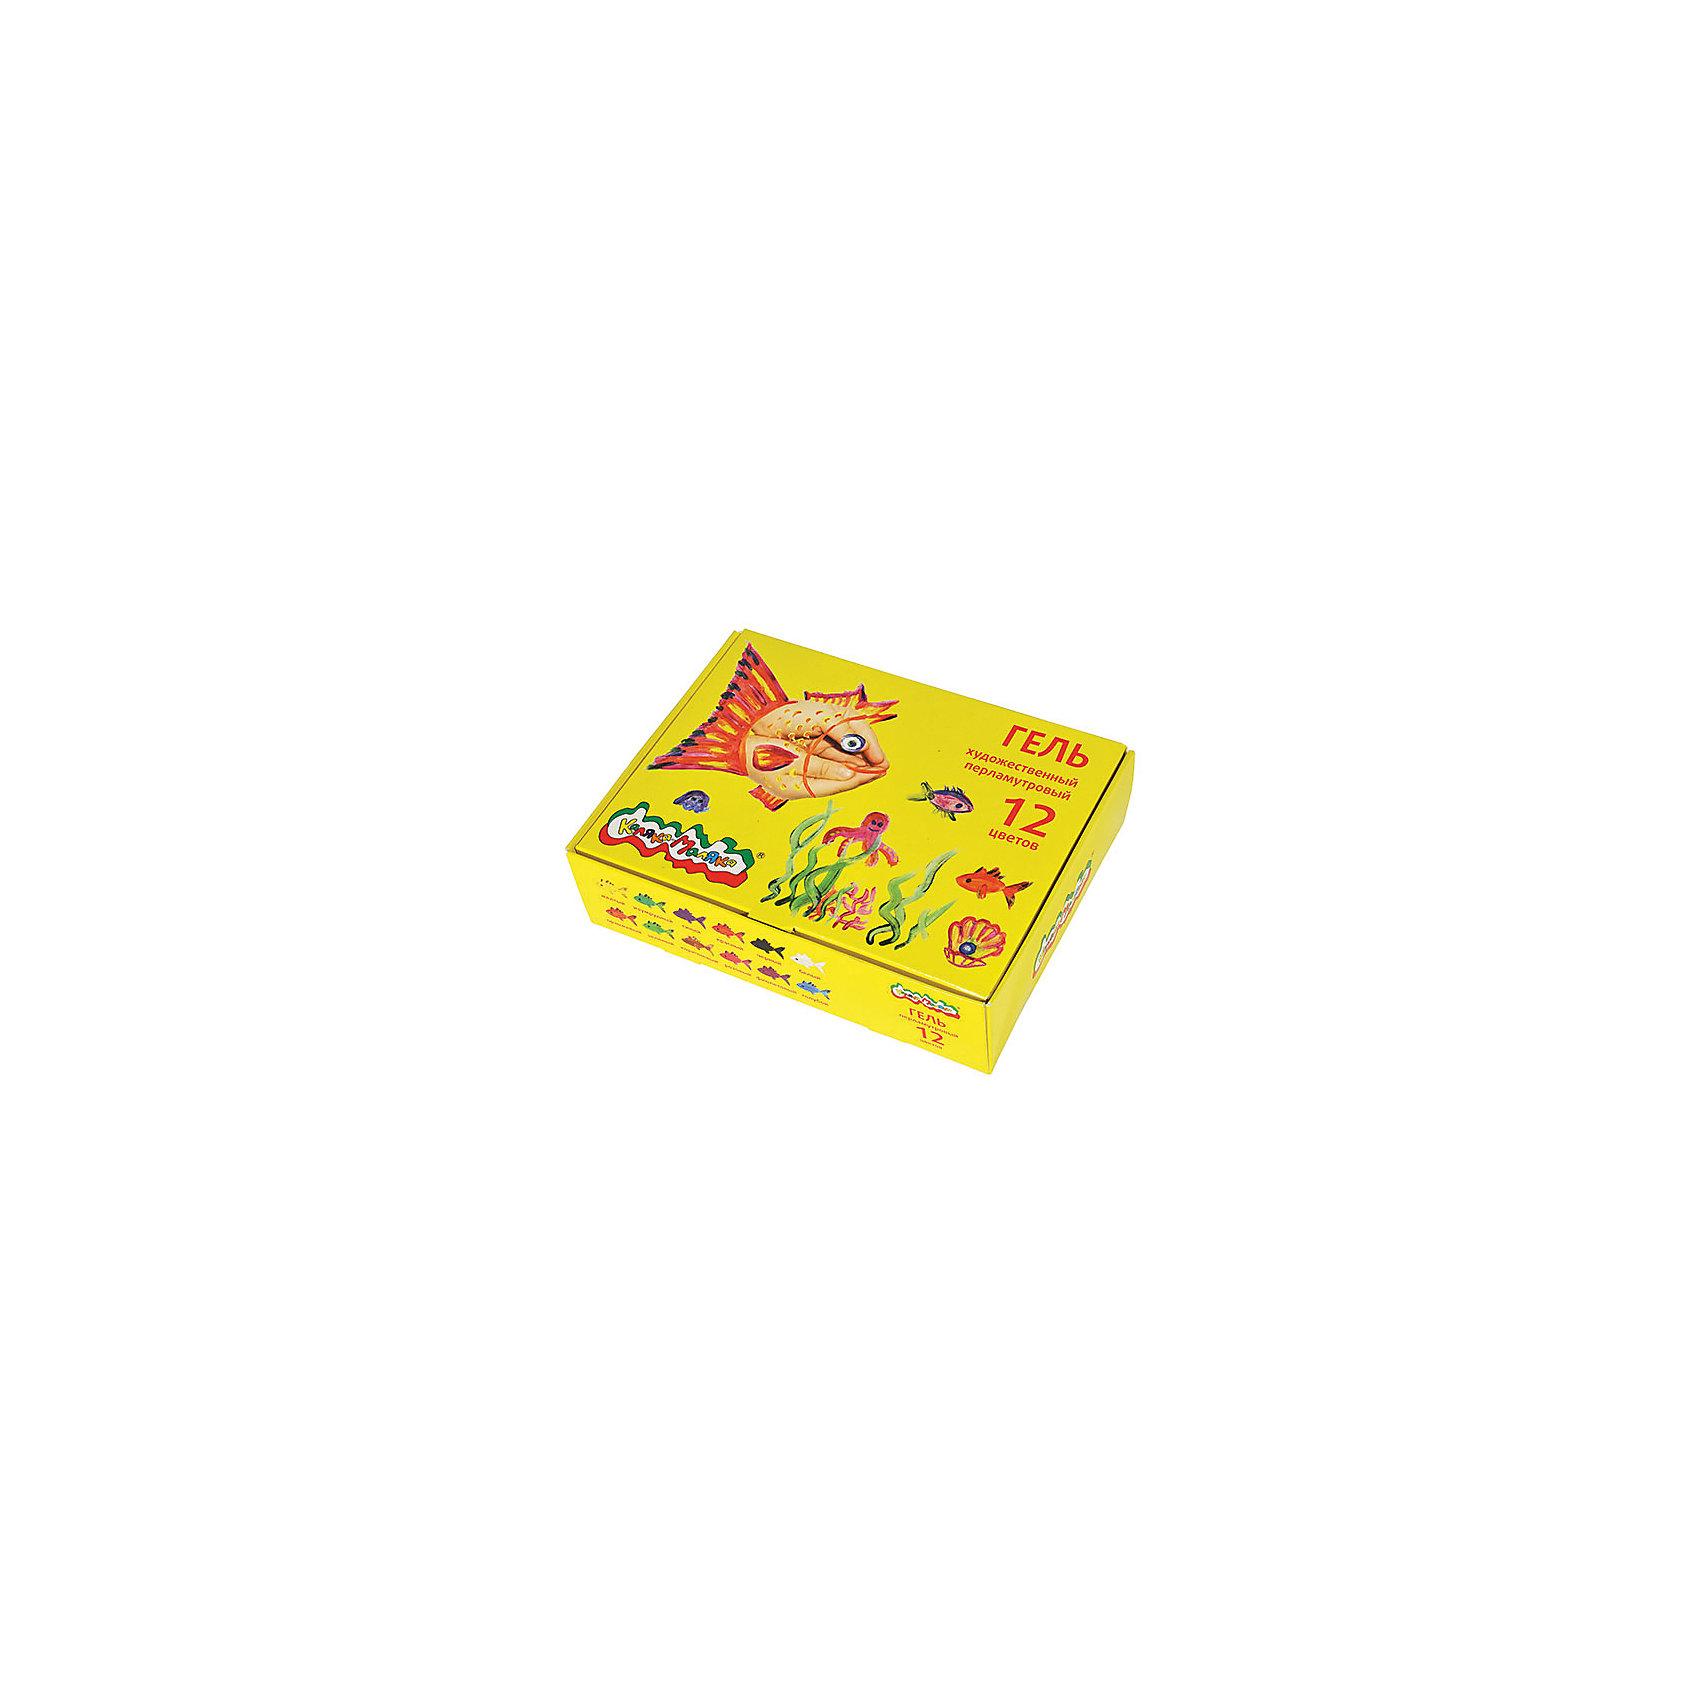 Перламутровый гель, 12 цветов, Каляка-МалякаРисование<br>Характеристики:<br><br>• Предназначение: для занятий художественным творчеством<br>• Пол: универсальный<br>• Количество цветов: 12 цветов <br>• Тип краски: для декорирования<br>• Материал: гель, пластик<br>• Размеры упаковки (Д*Ш*В): 12,5*6*17,5 см<br>• Вес упаковки: 220 г <br>• Упаковка: картонная коробка<br><br>Перламутровый гель 12 цветов от торгового бренда Каляка-Маляка предназначены для декорирования рисунков и поделок из бумаги. Набор состоит из 12 баночек с яркими красками перламутрового цвета. Гель отличаются яркостью и стойкостью цветов, при нанесении на рабочую поверхность не растекается, хорошо и быстро высыхает. Он гипоаллергенен, не имеет запаха, поэтому гель безопасен для детского творчества. <br>Занятия художественным творчеством развивают мелкую моторику рук, способствуют формированию художественно-эстетического вкуса и дарят хорошее настроение не только ребенку, но и окружающим!<br><br>Перламутровый гель 12 цветов можно купить в нашем интернет-магазине.<br><br>Ширина мм: 150<br>Глубина мм: 120<br>Высота мм: 40<br>Вес г: 310<br>Возраст от месяцев: 36<br>Возраст до месяцев: 108<br>Пол: Унисекс<br>Возраст: Детский<br>SKU: 5188787